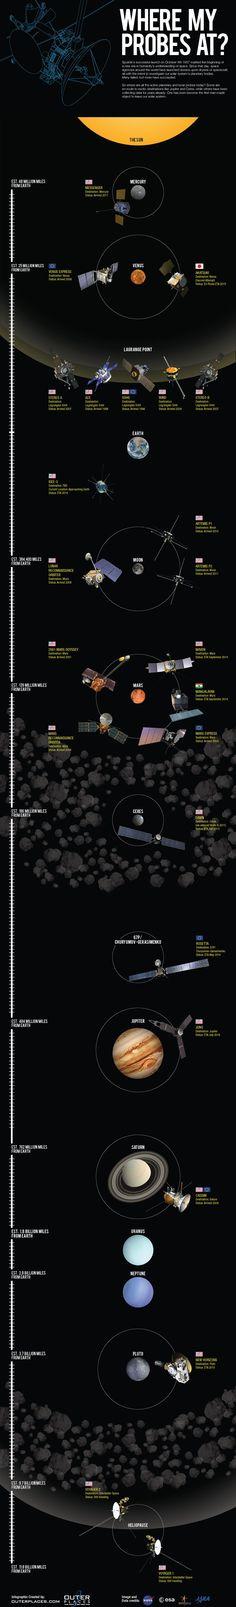 Ο «κυκλοφοριακός χάρτης» του Ηλιακού Συστήματος - science - Φυσική – Διάστημα - Το Βήμα Online